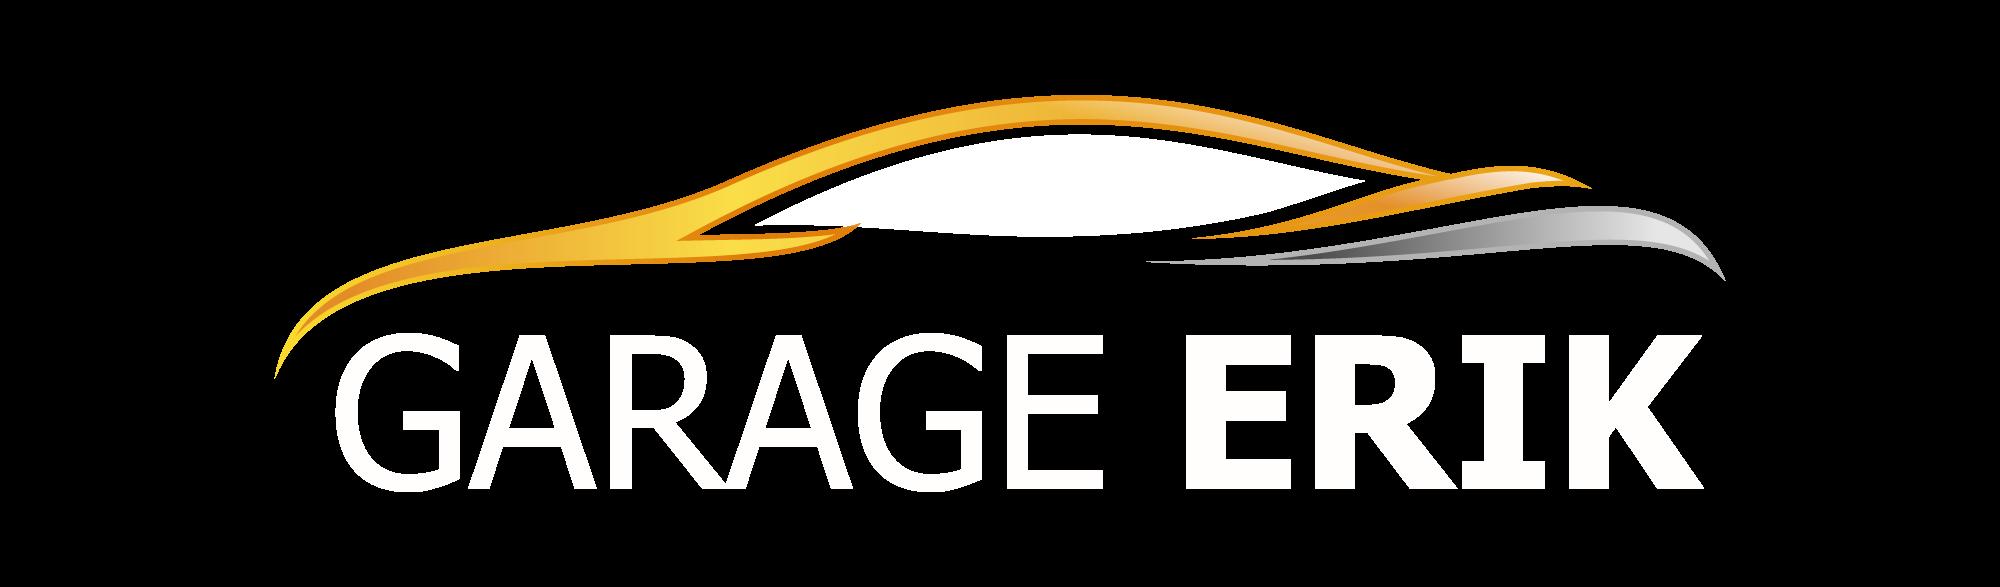 Garage Erik